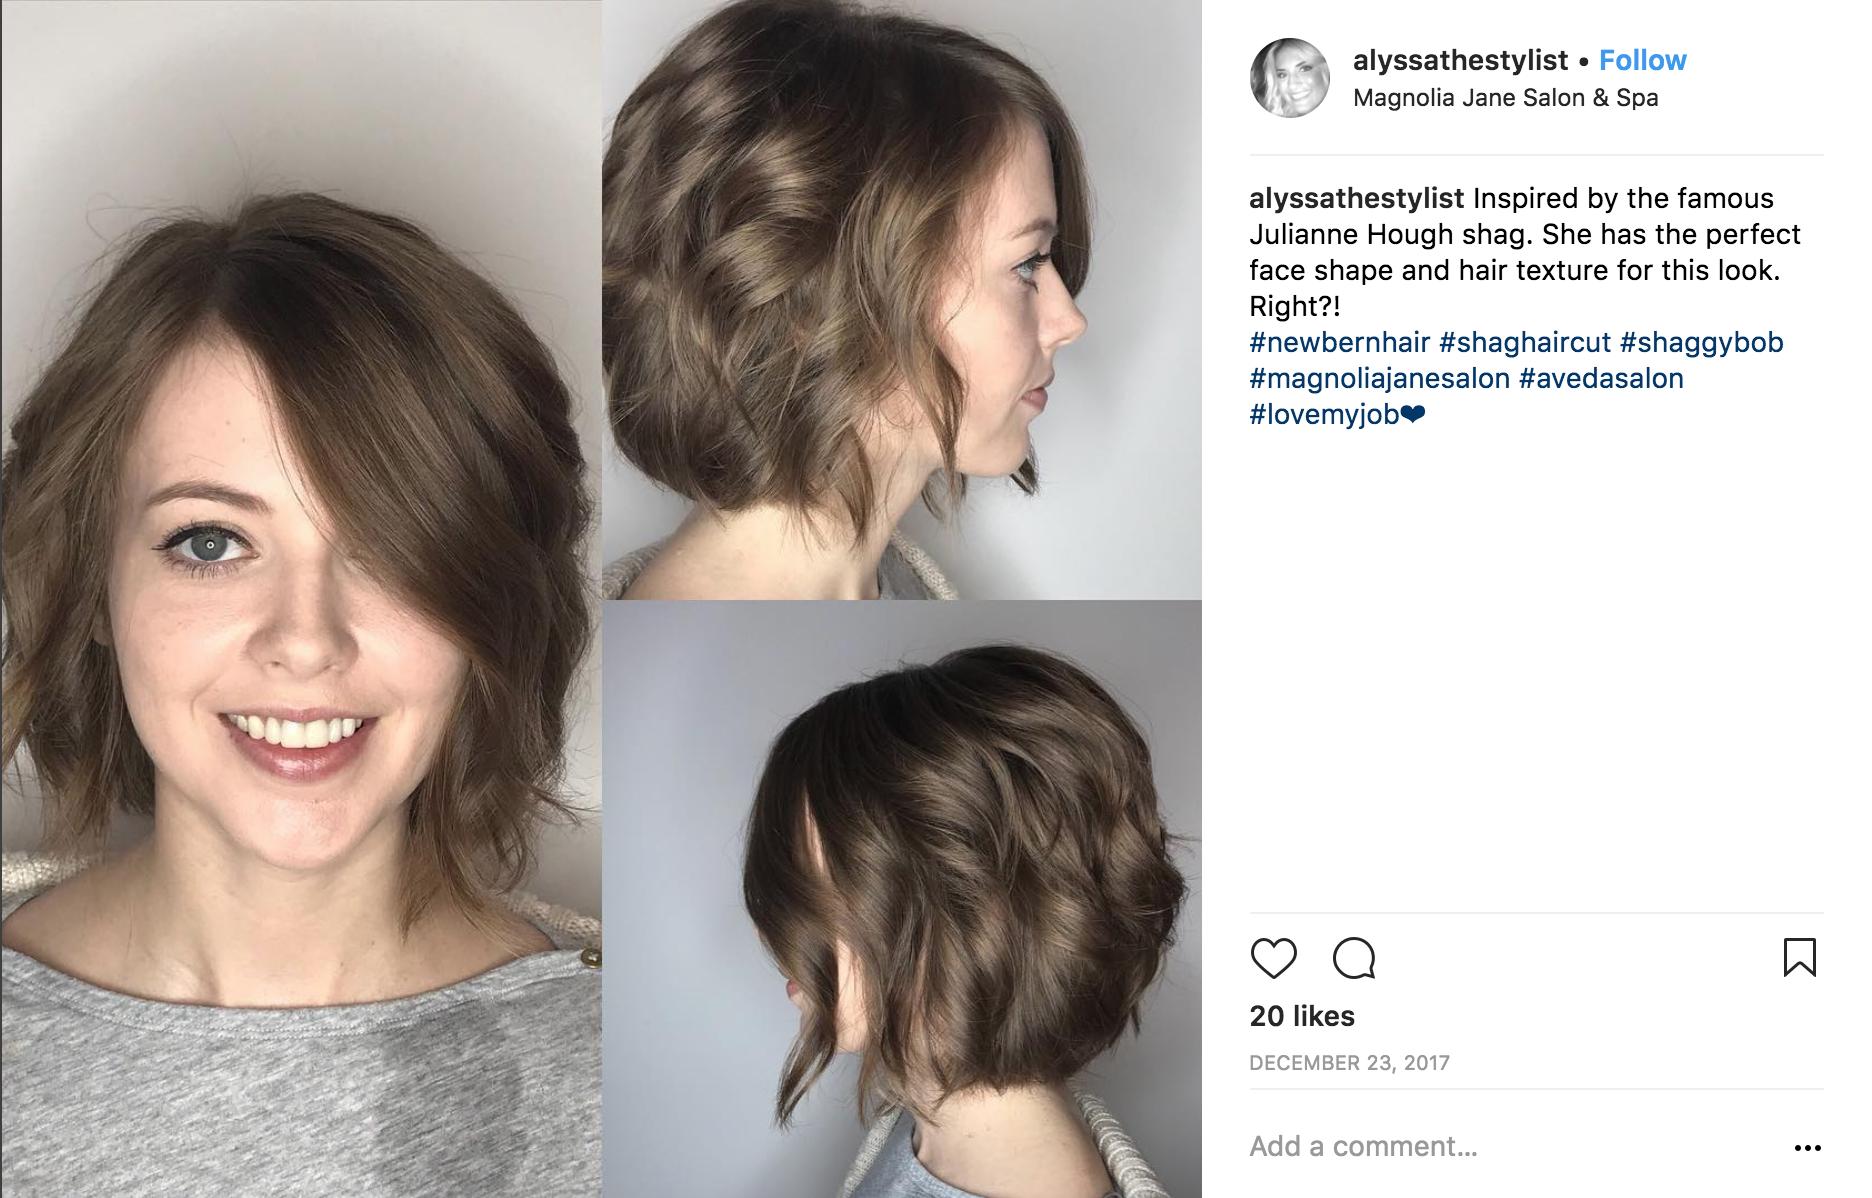 Tagli capelli corti novitСЂС–